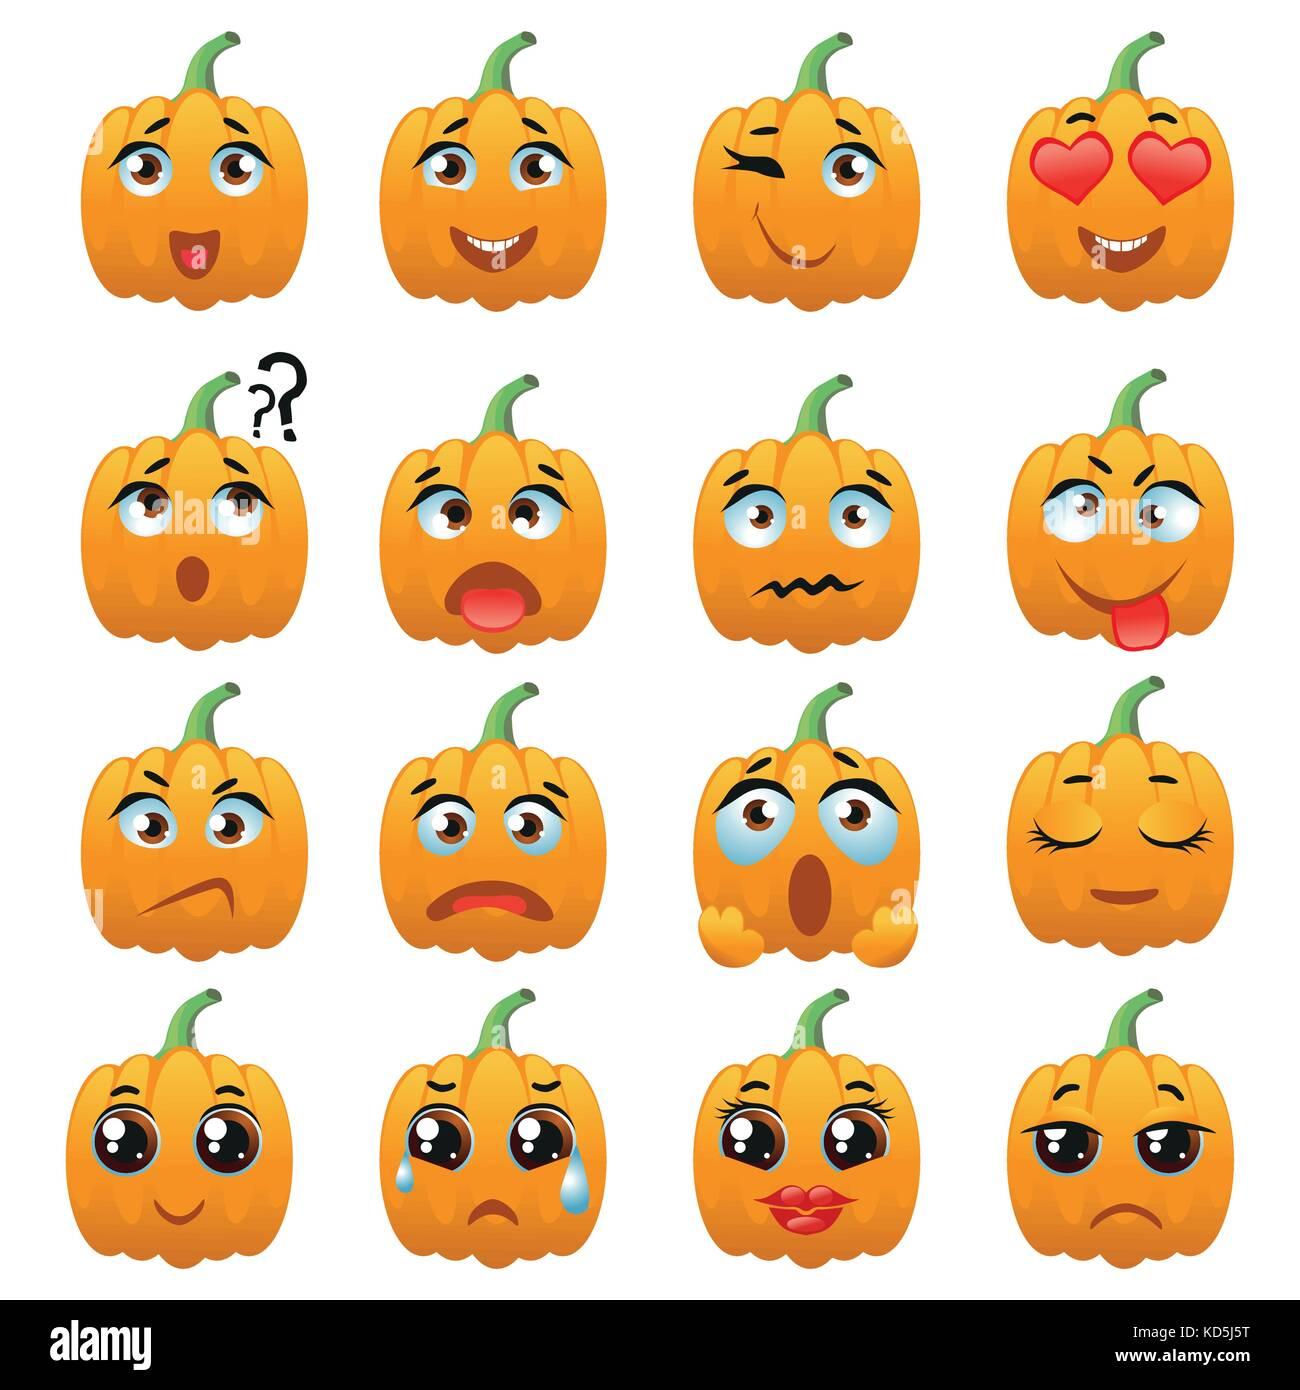 Pumpkin Halloween Vector Vectors Stock Photos Amp Pumpkin Halloween Vector Vectors Stock Images